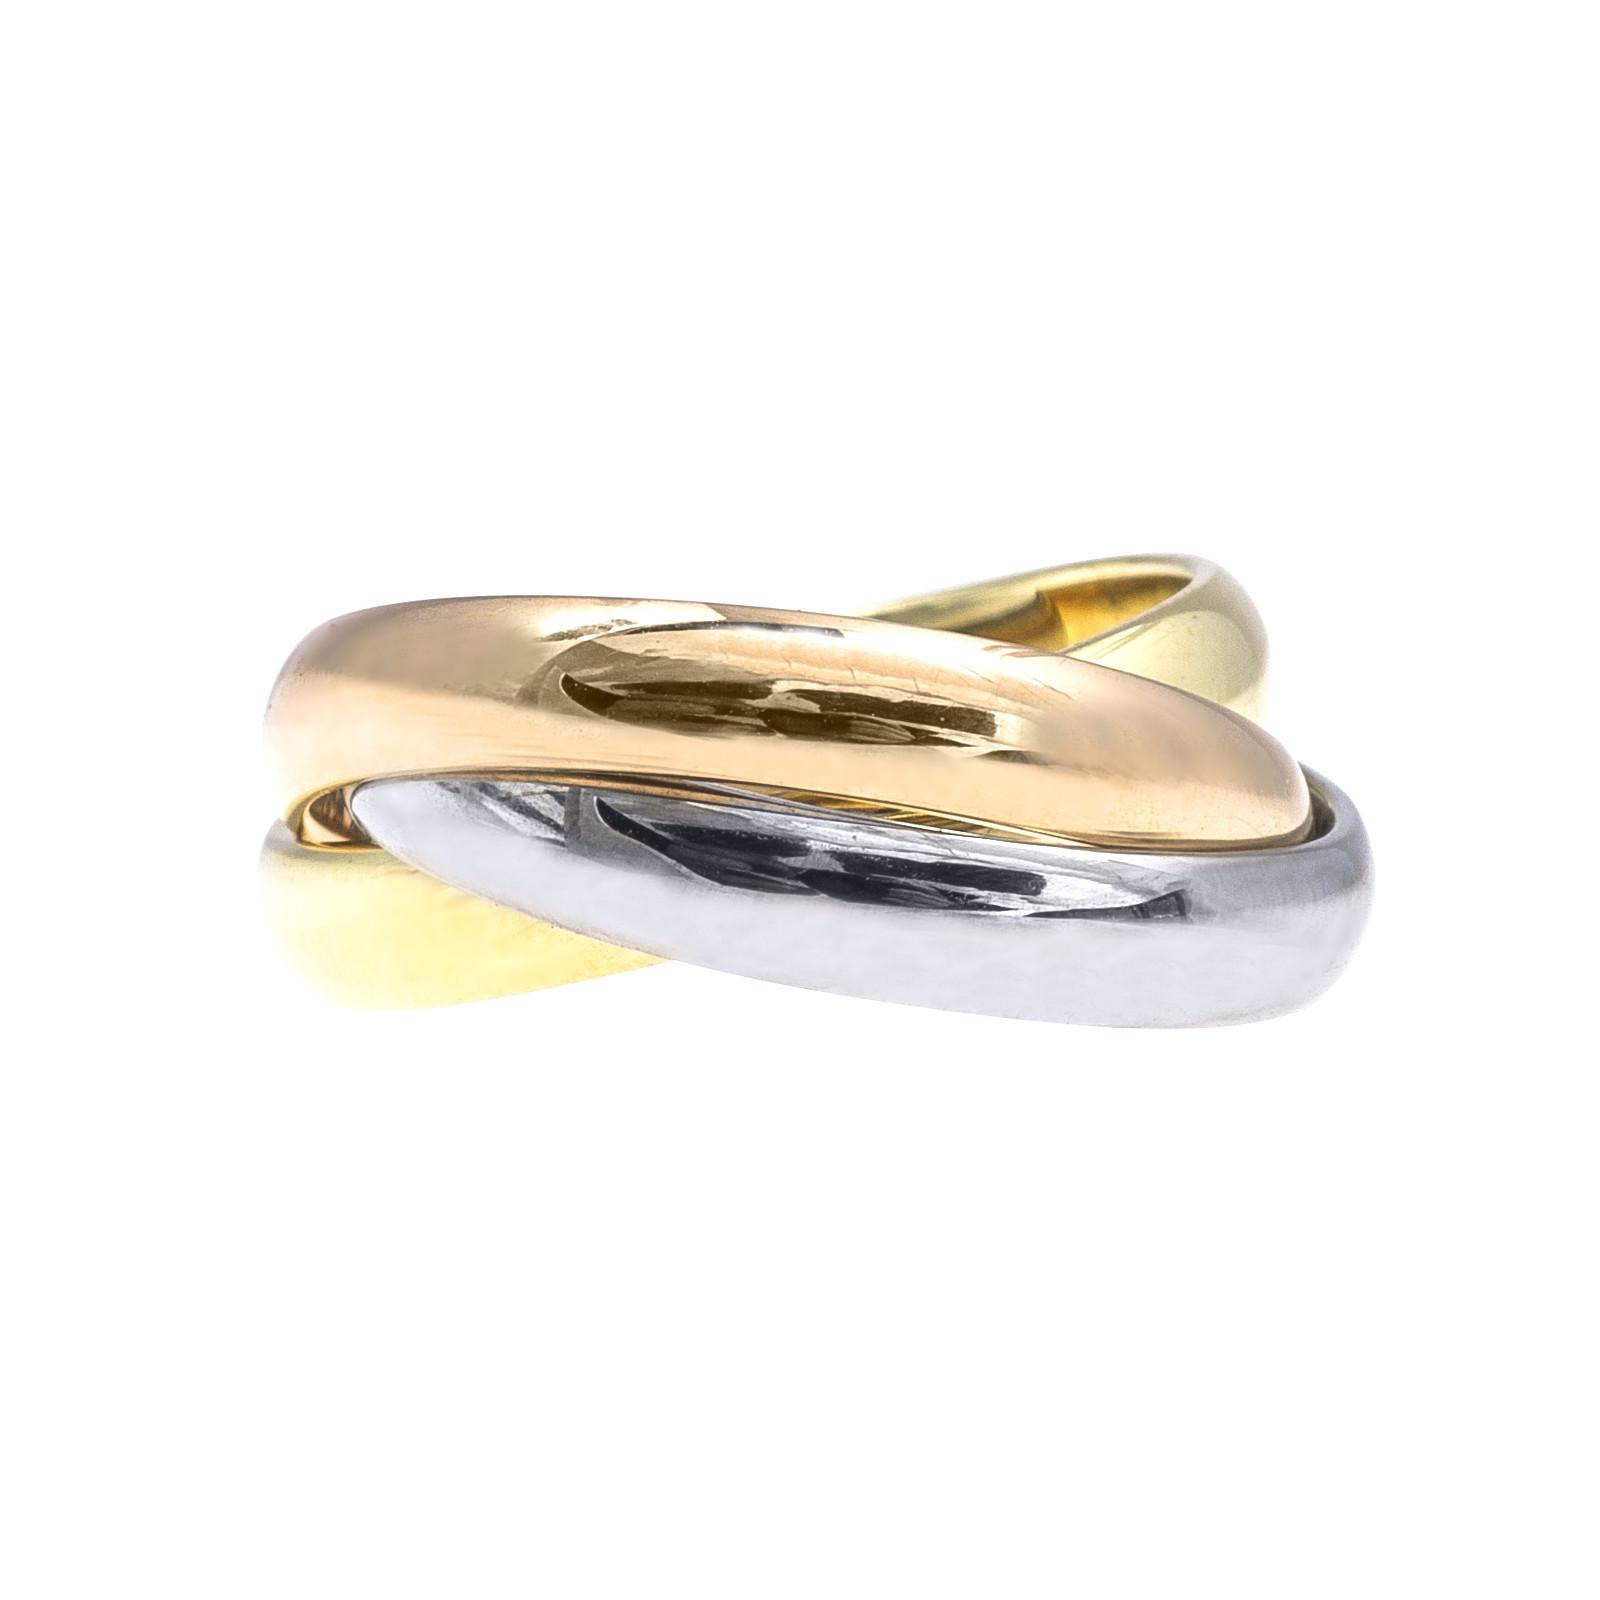 Vintage Cartier Trinity de Cartier Rolling Ring